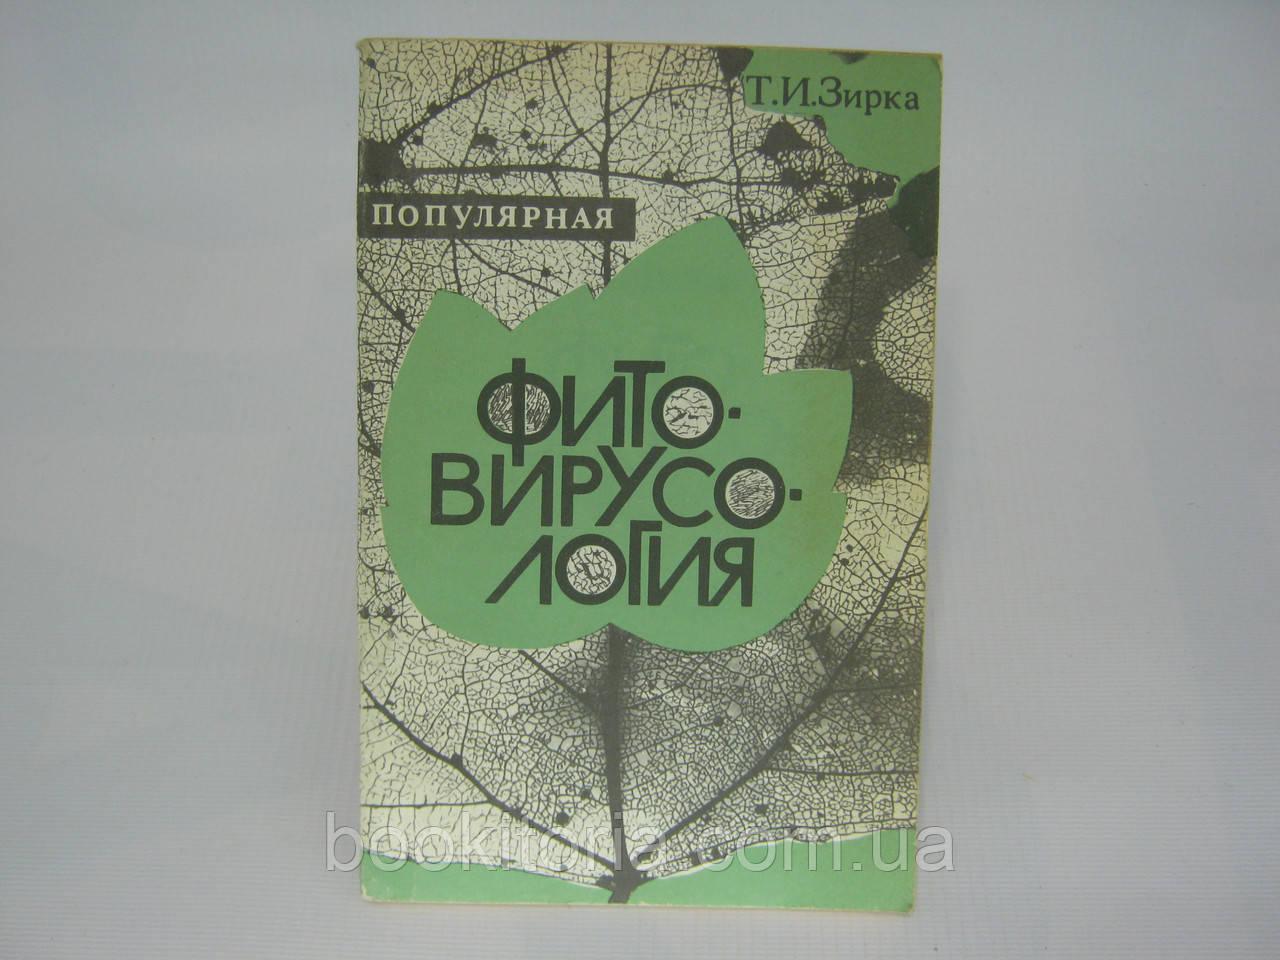 Зирка Т.И. Фитовирусология (б/у).